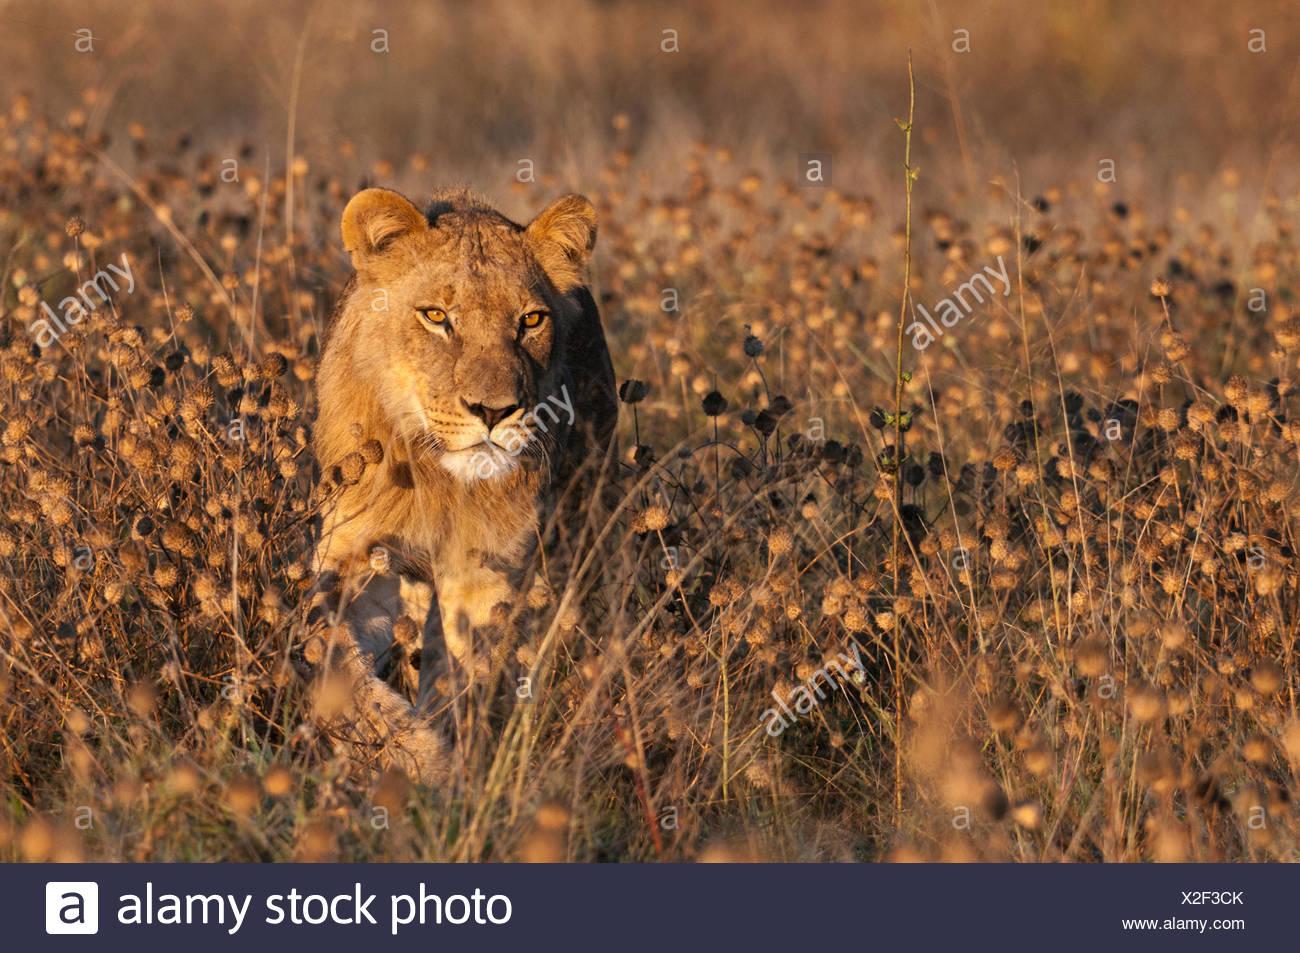 Un jeune lion, Panthera leo, marcher parmi les grandes herbes. Photo Stock